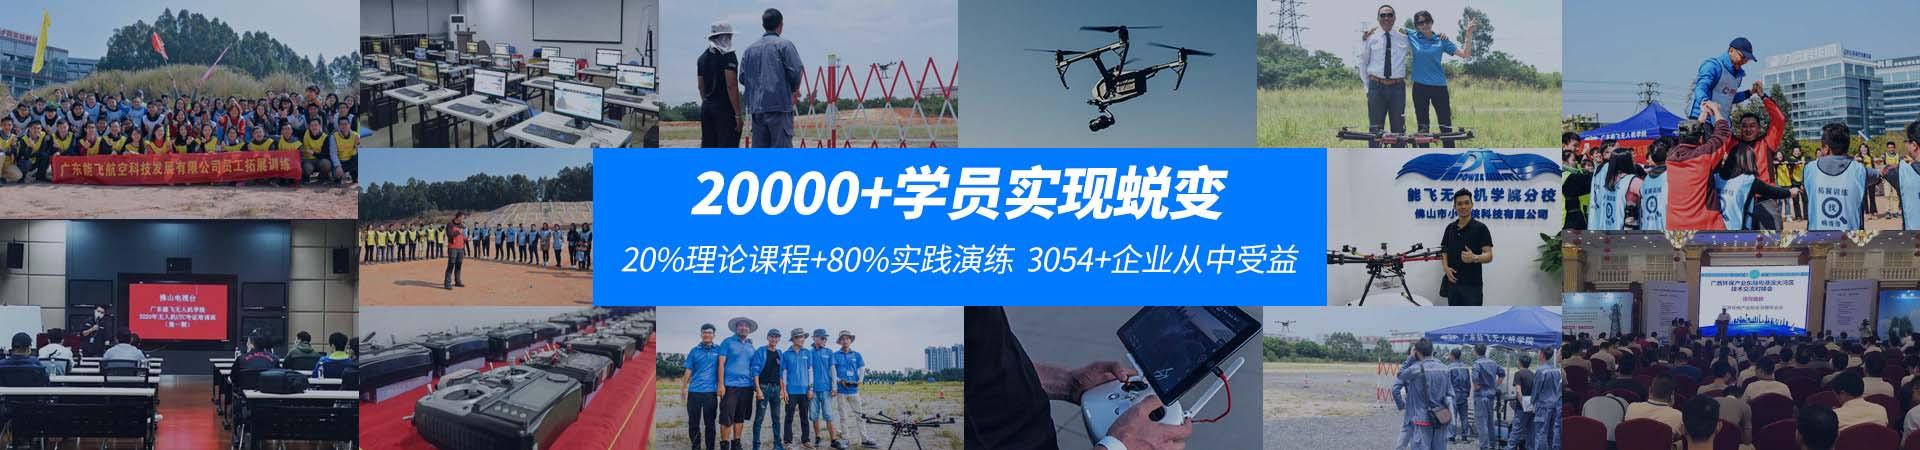 能飞航空-20000+学员实现蜕变